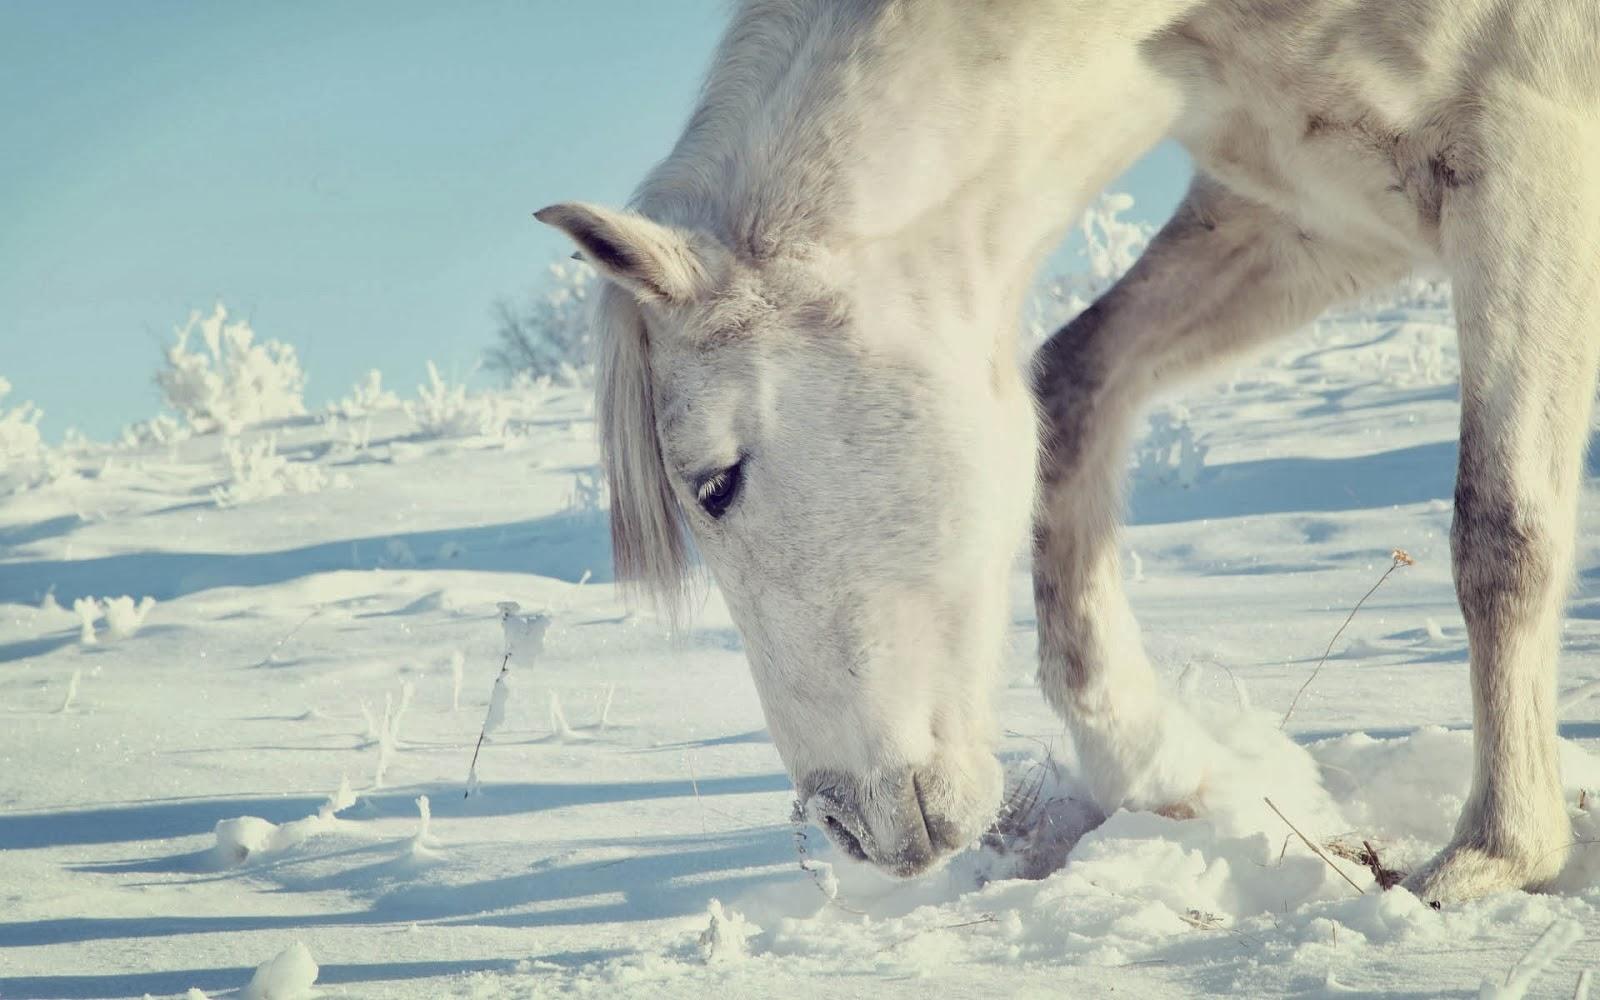 wallpaper met wit paard in de witte sneeuw